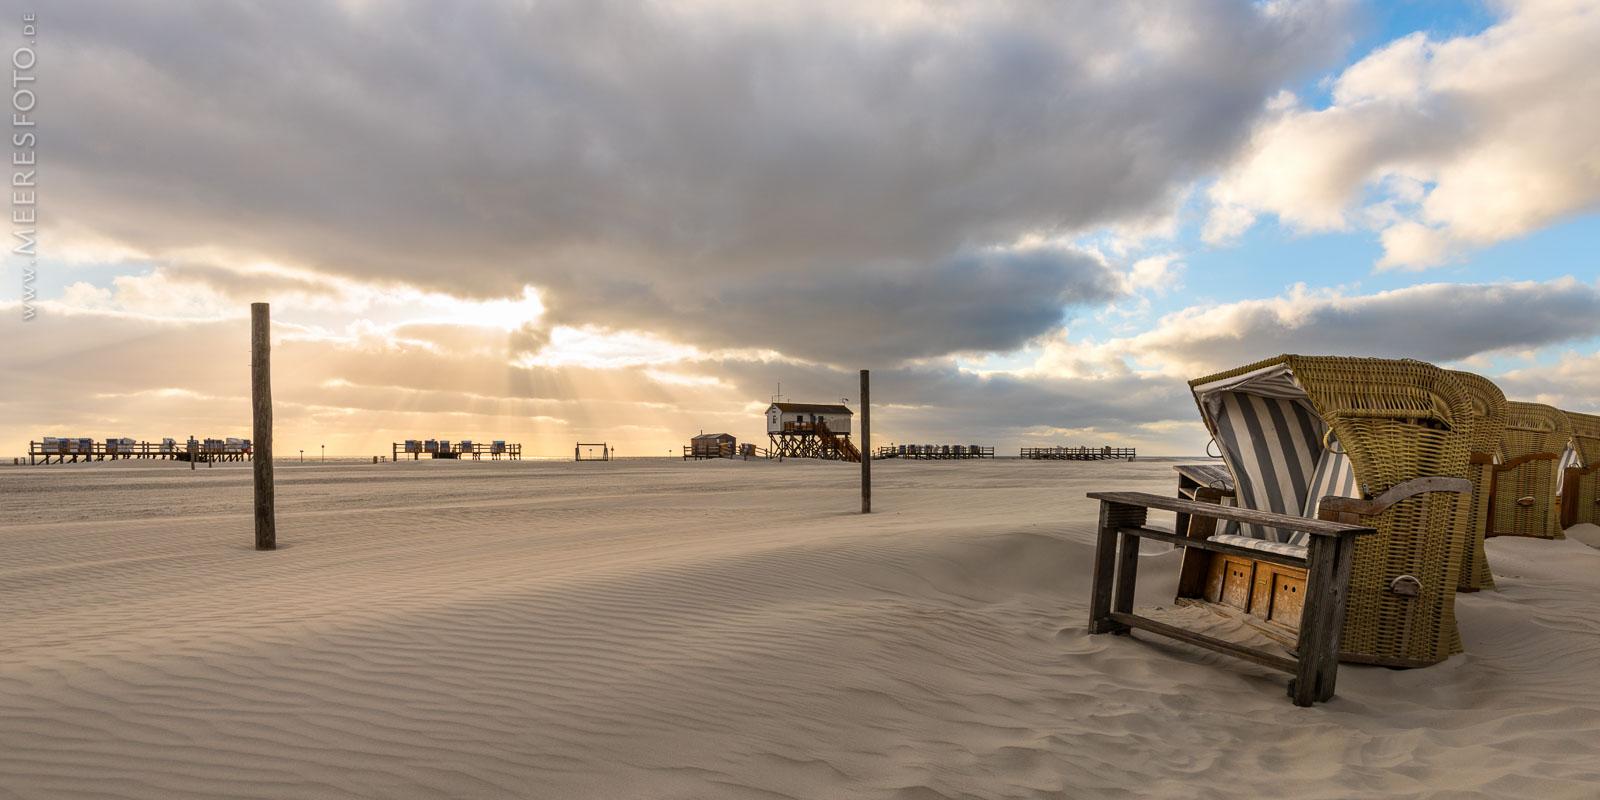 Strandkörbe der Arche Noah